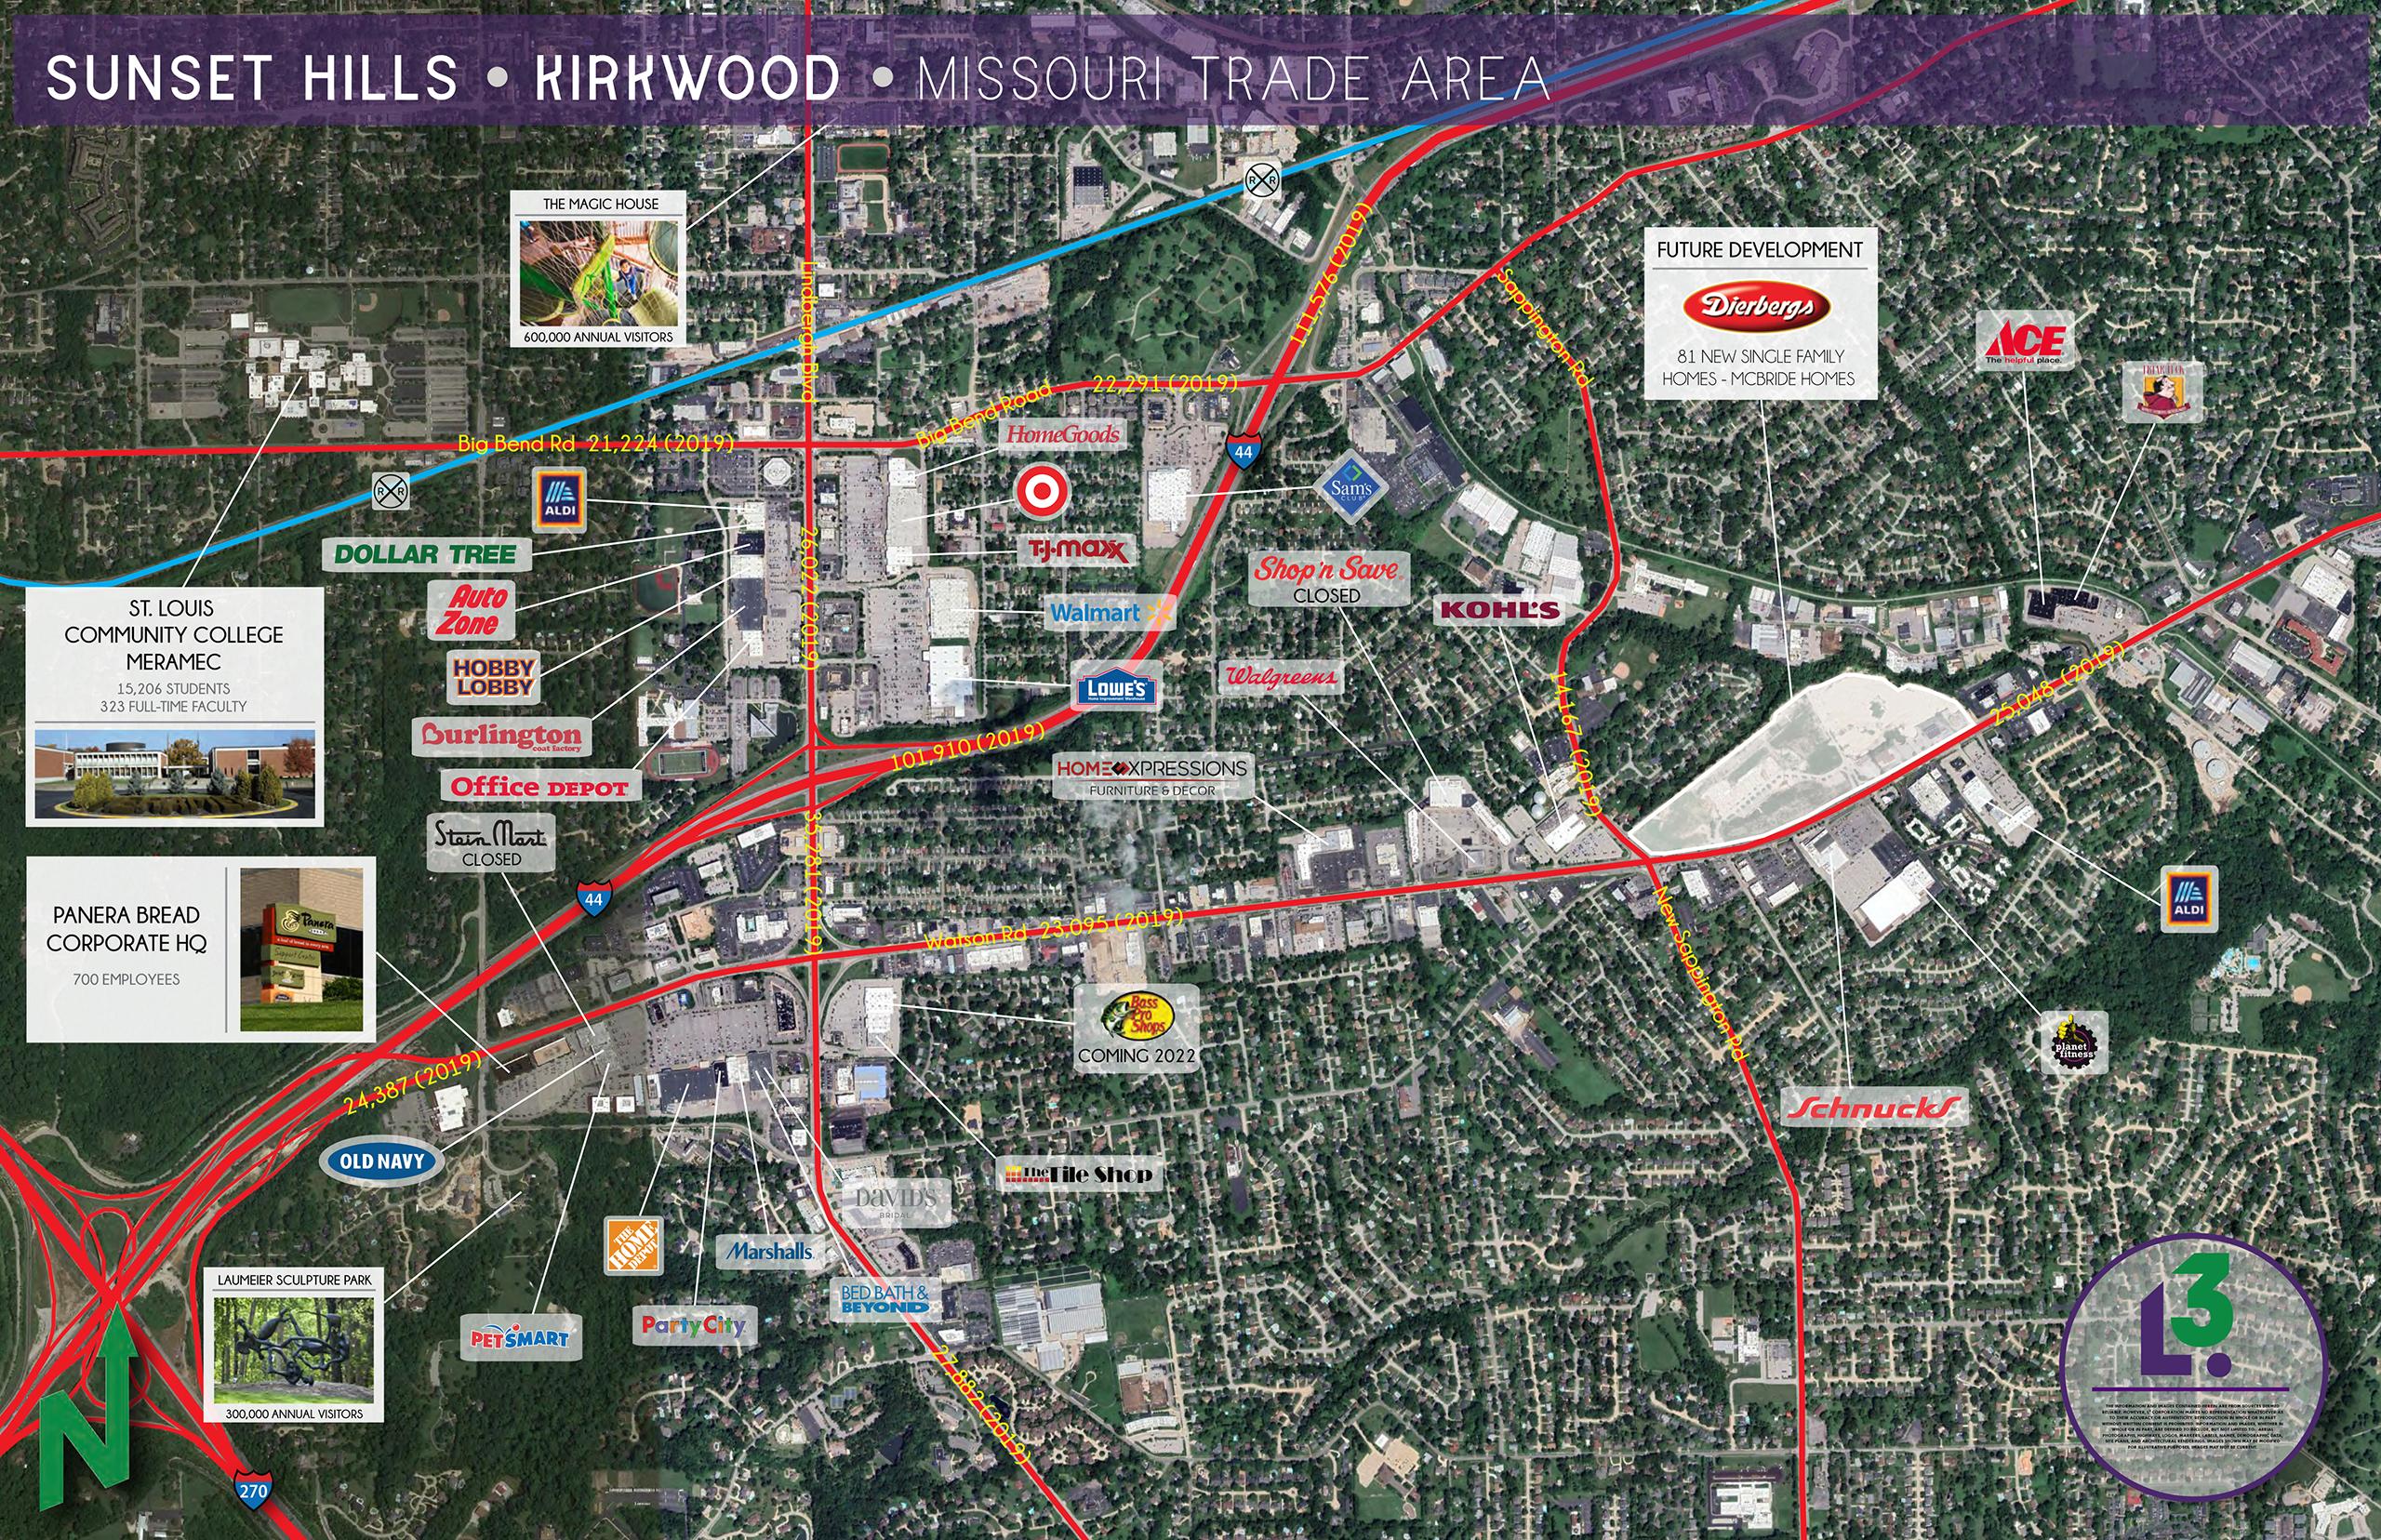 KIRKWOOD AERIAL